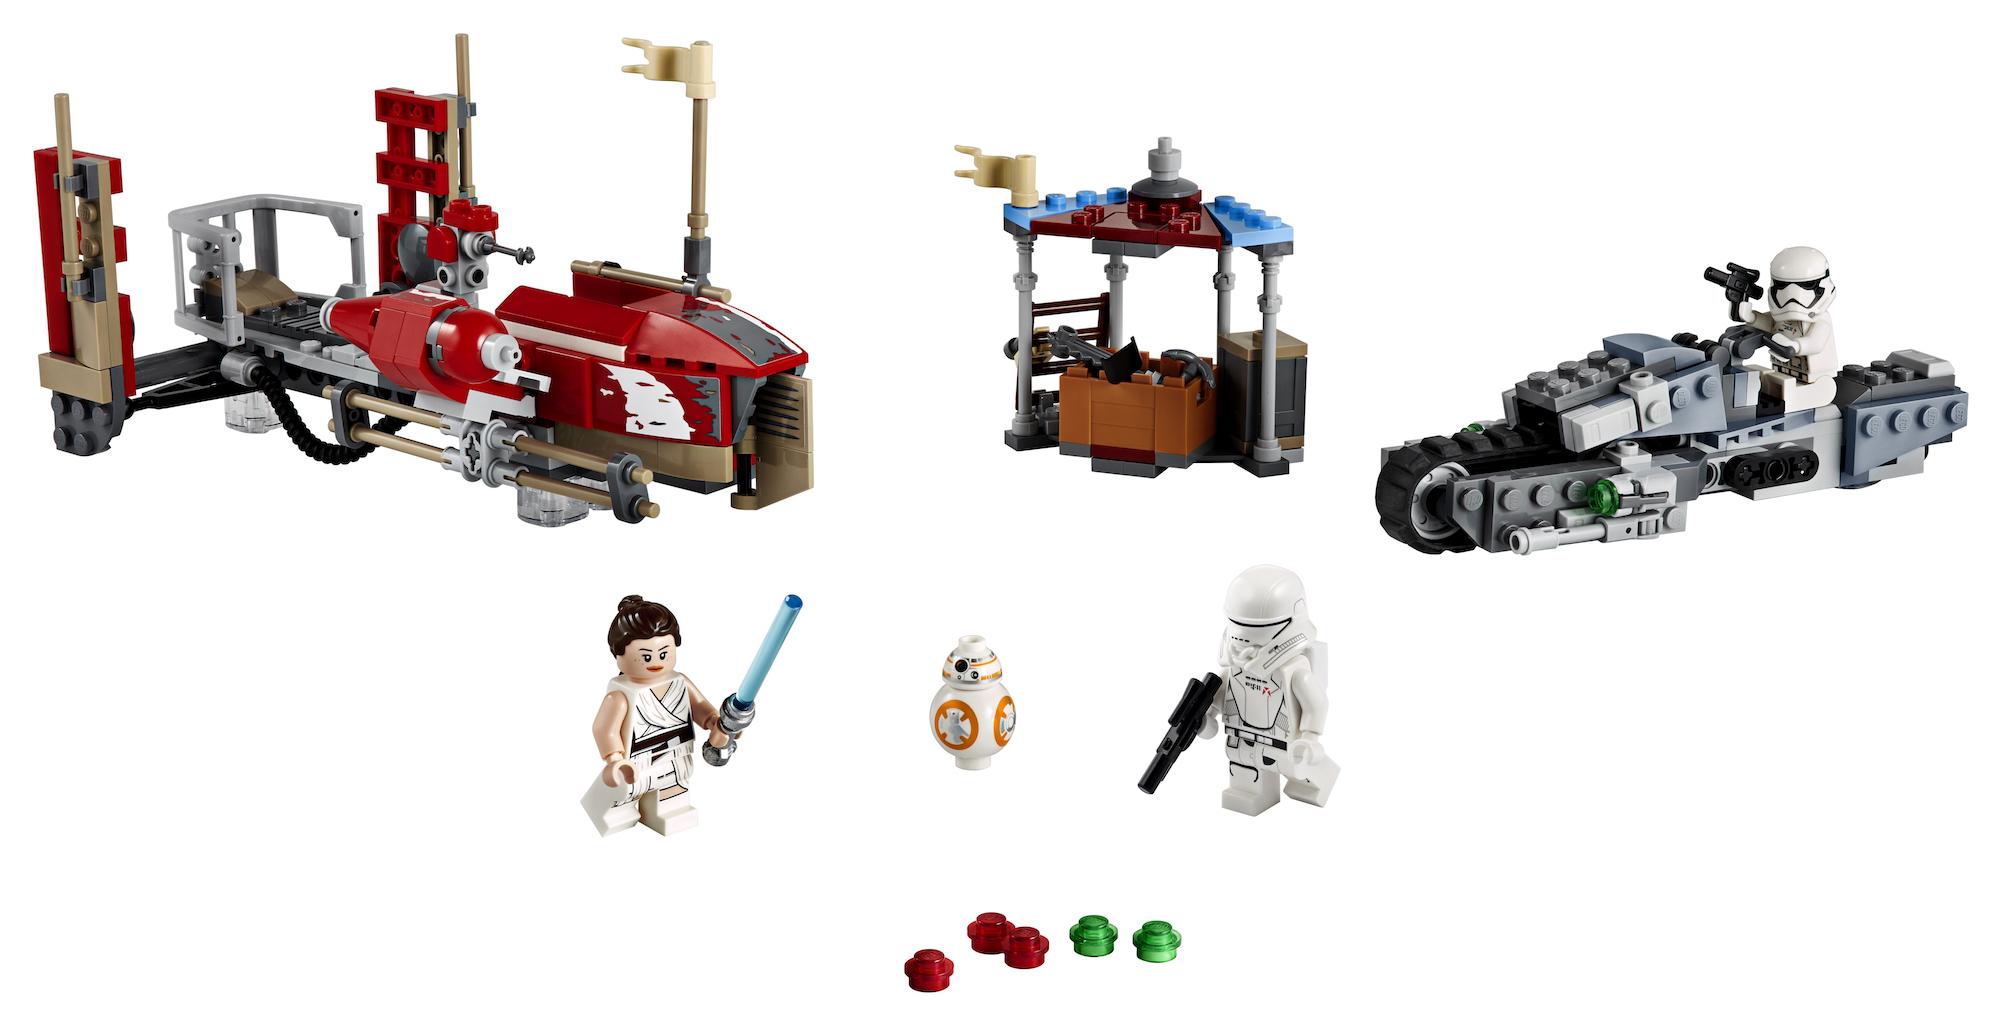 TROS Pasaana Speeder Chase Lego Set 3